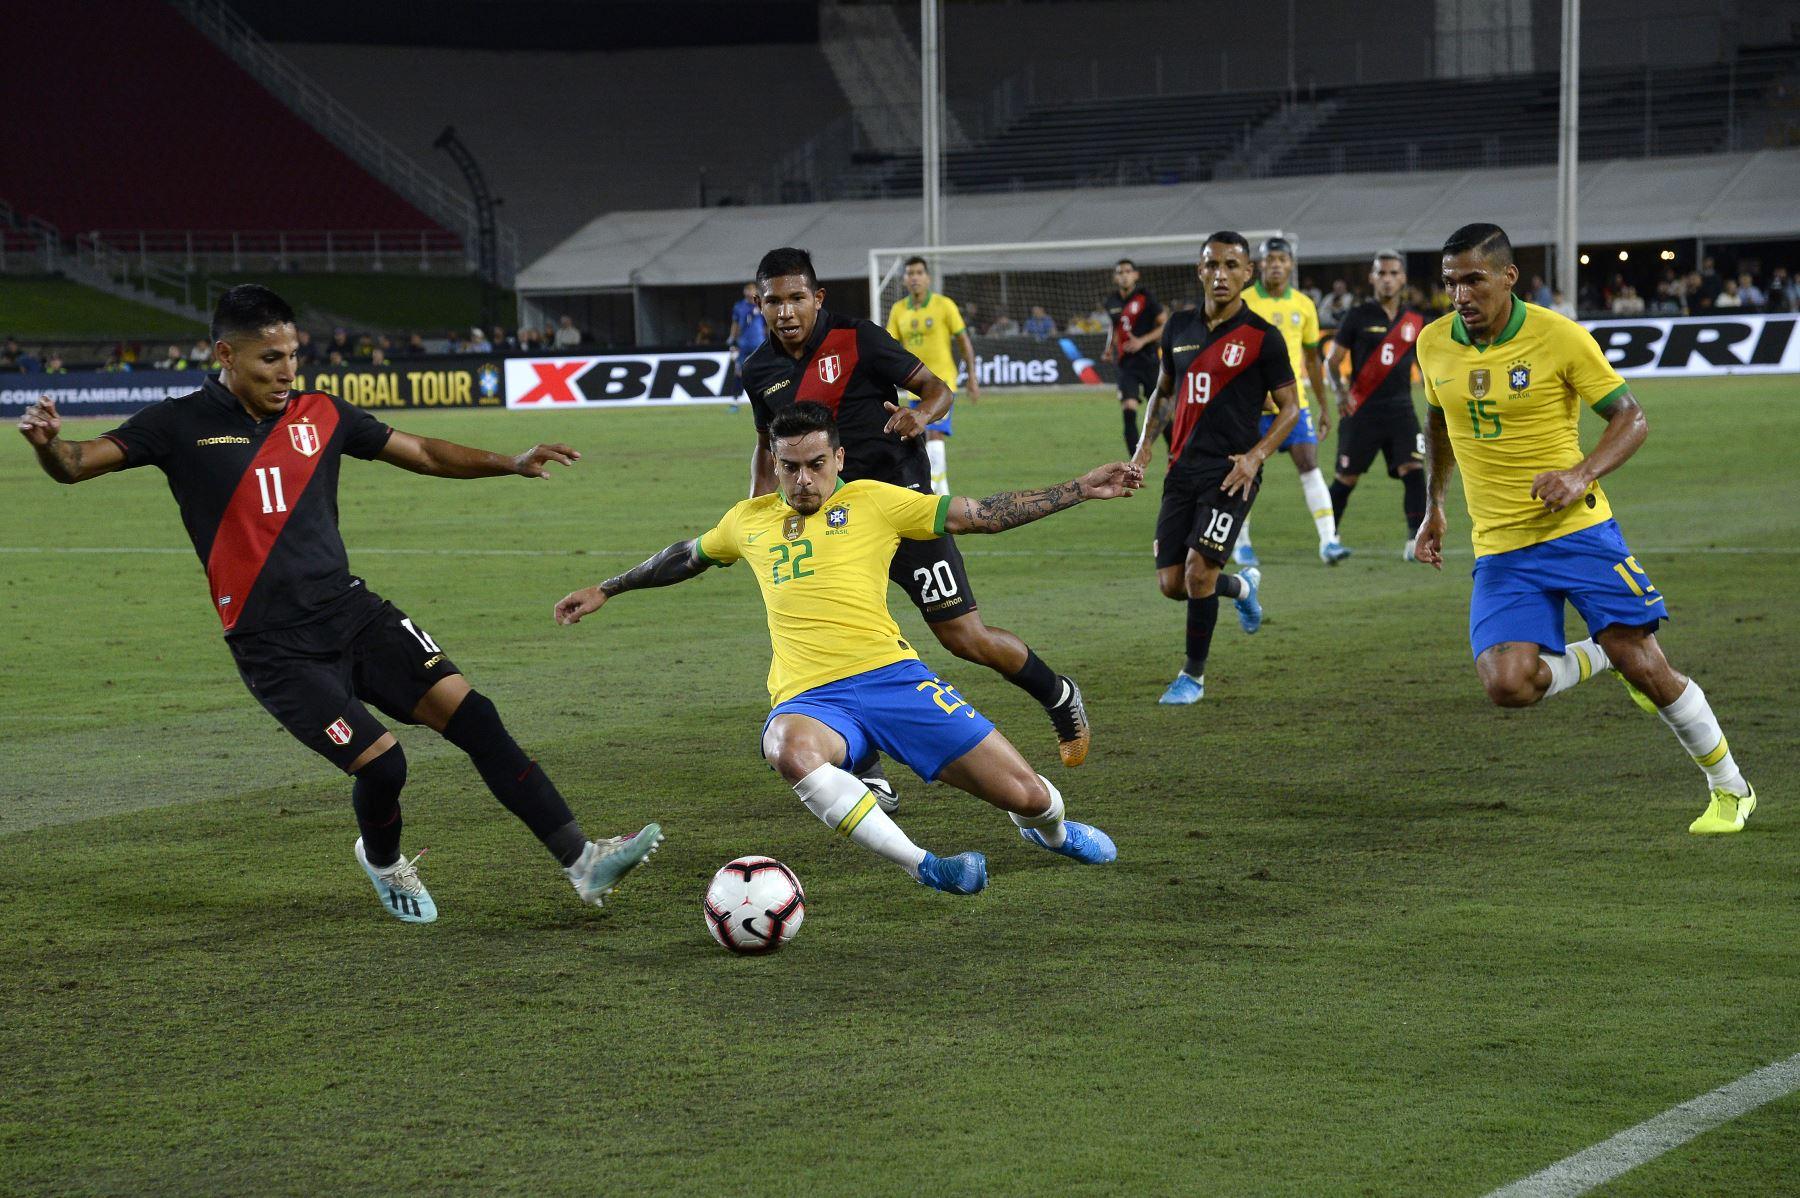 LOS ÁNGELES, CALIFORNIA - 10 DE SEPTIEMBRE: Fagner # 22 de Brasil va por el balón defendido por Ra˙l RuidÌaz # 11 de Perú en el partido de la Copa Internacional de Campeones 2019 el 10 de septiembre de 2019 en el Los Angeles Memorial Stadium en Los Ángeles. AFP